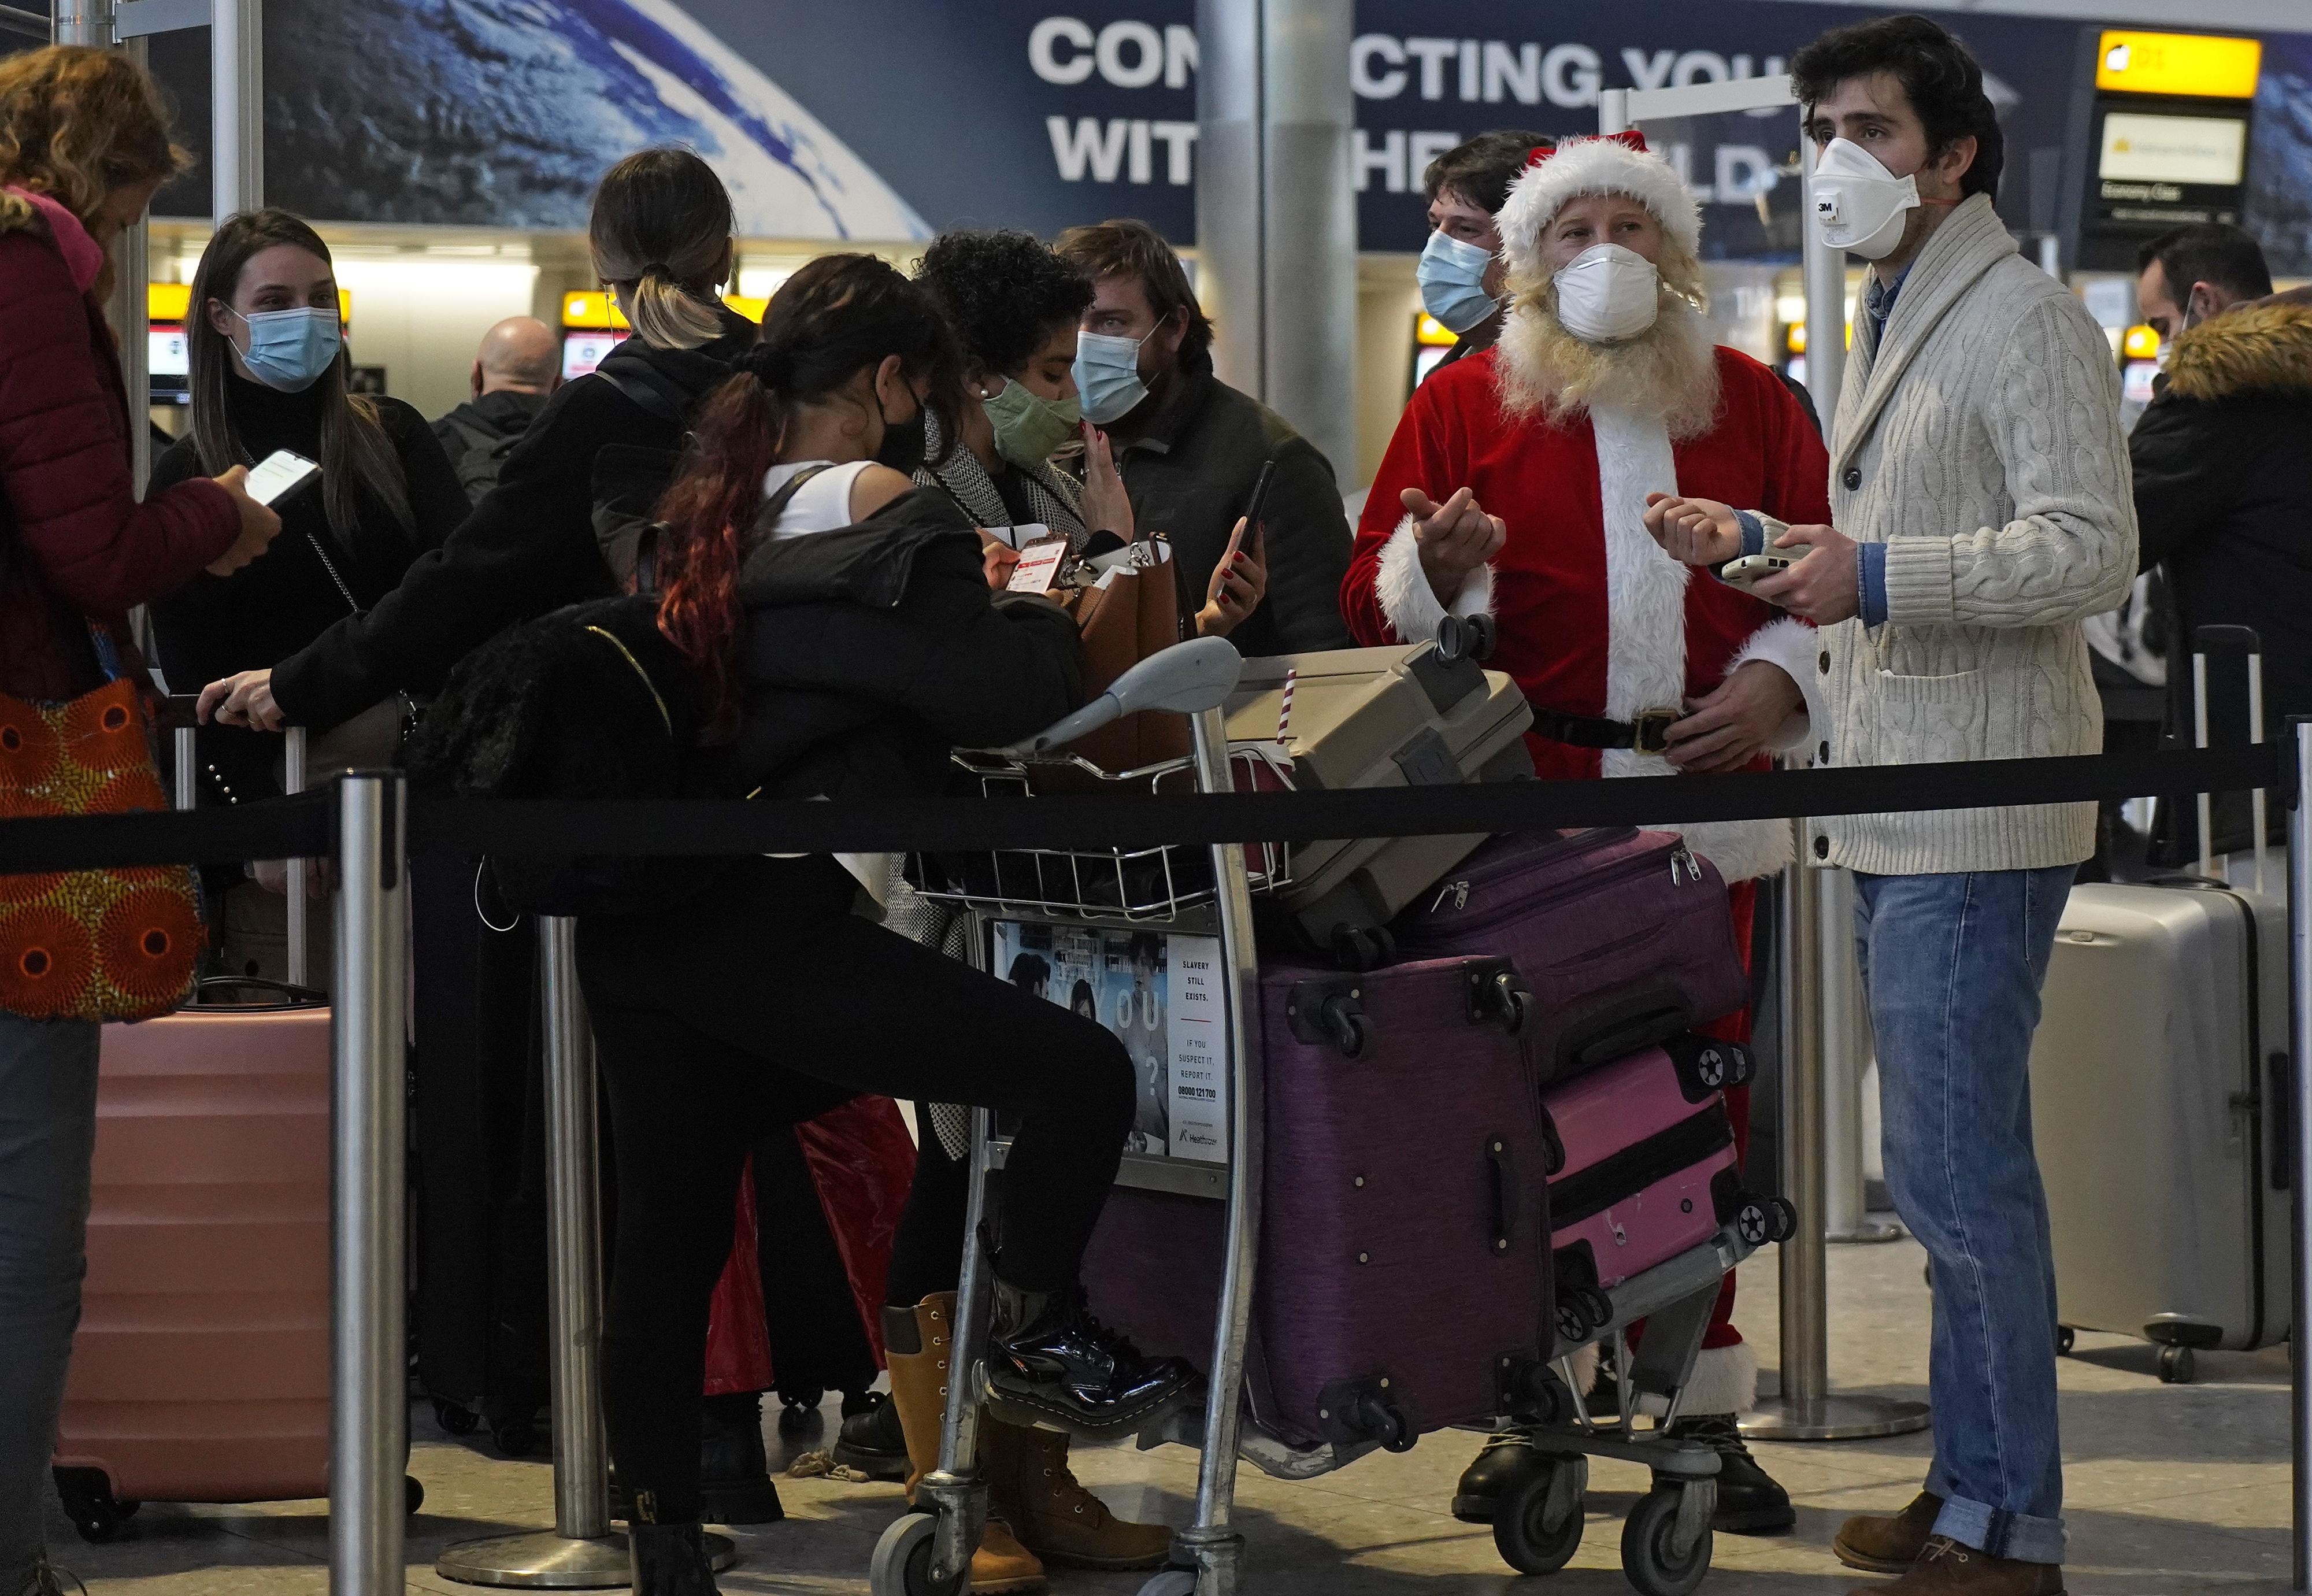 Pasajeros hacen cola con su equipaje en la sala de salidas de la Terminal 2 del aeropuerto de Heathrow en el oeste de Londres el 21 de diciembre de 2020.